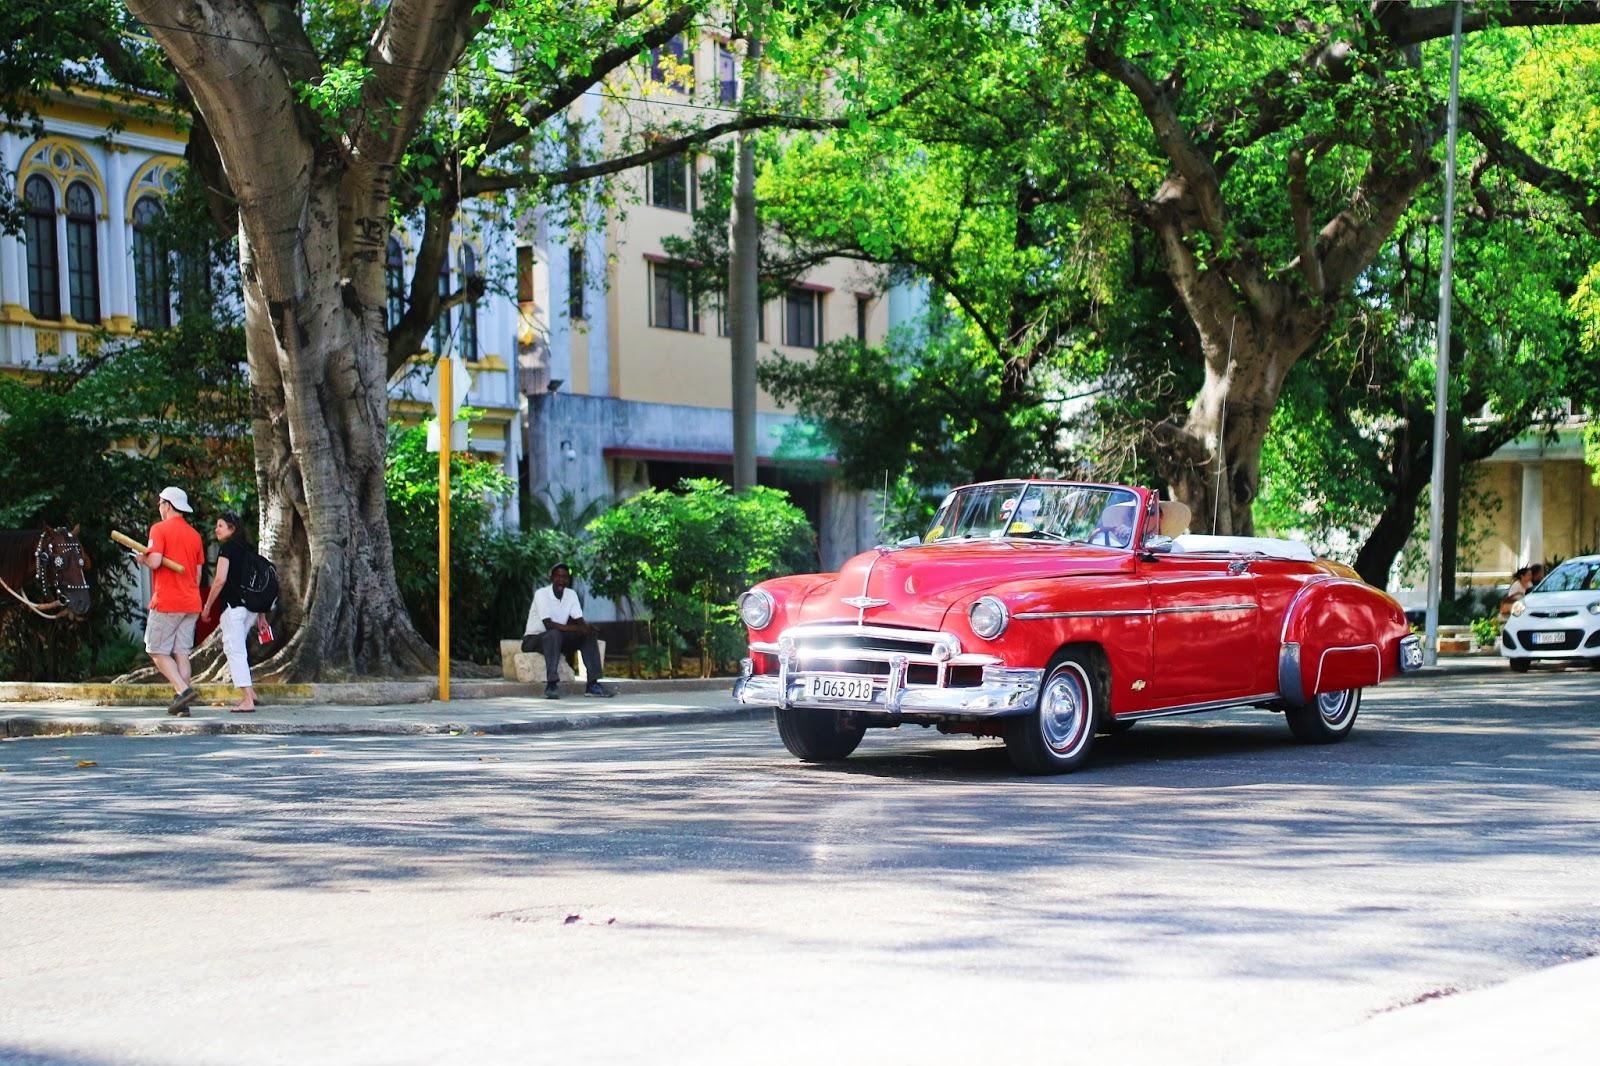 Voiture américaine rouge dans les rues de La Havane - Cuba